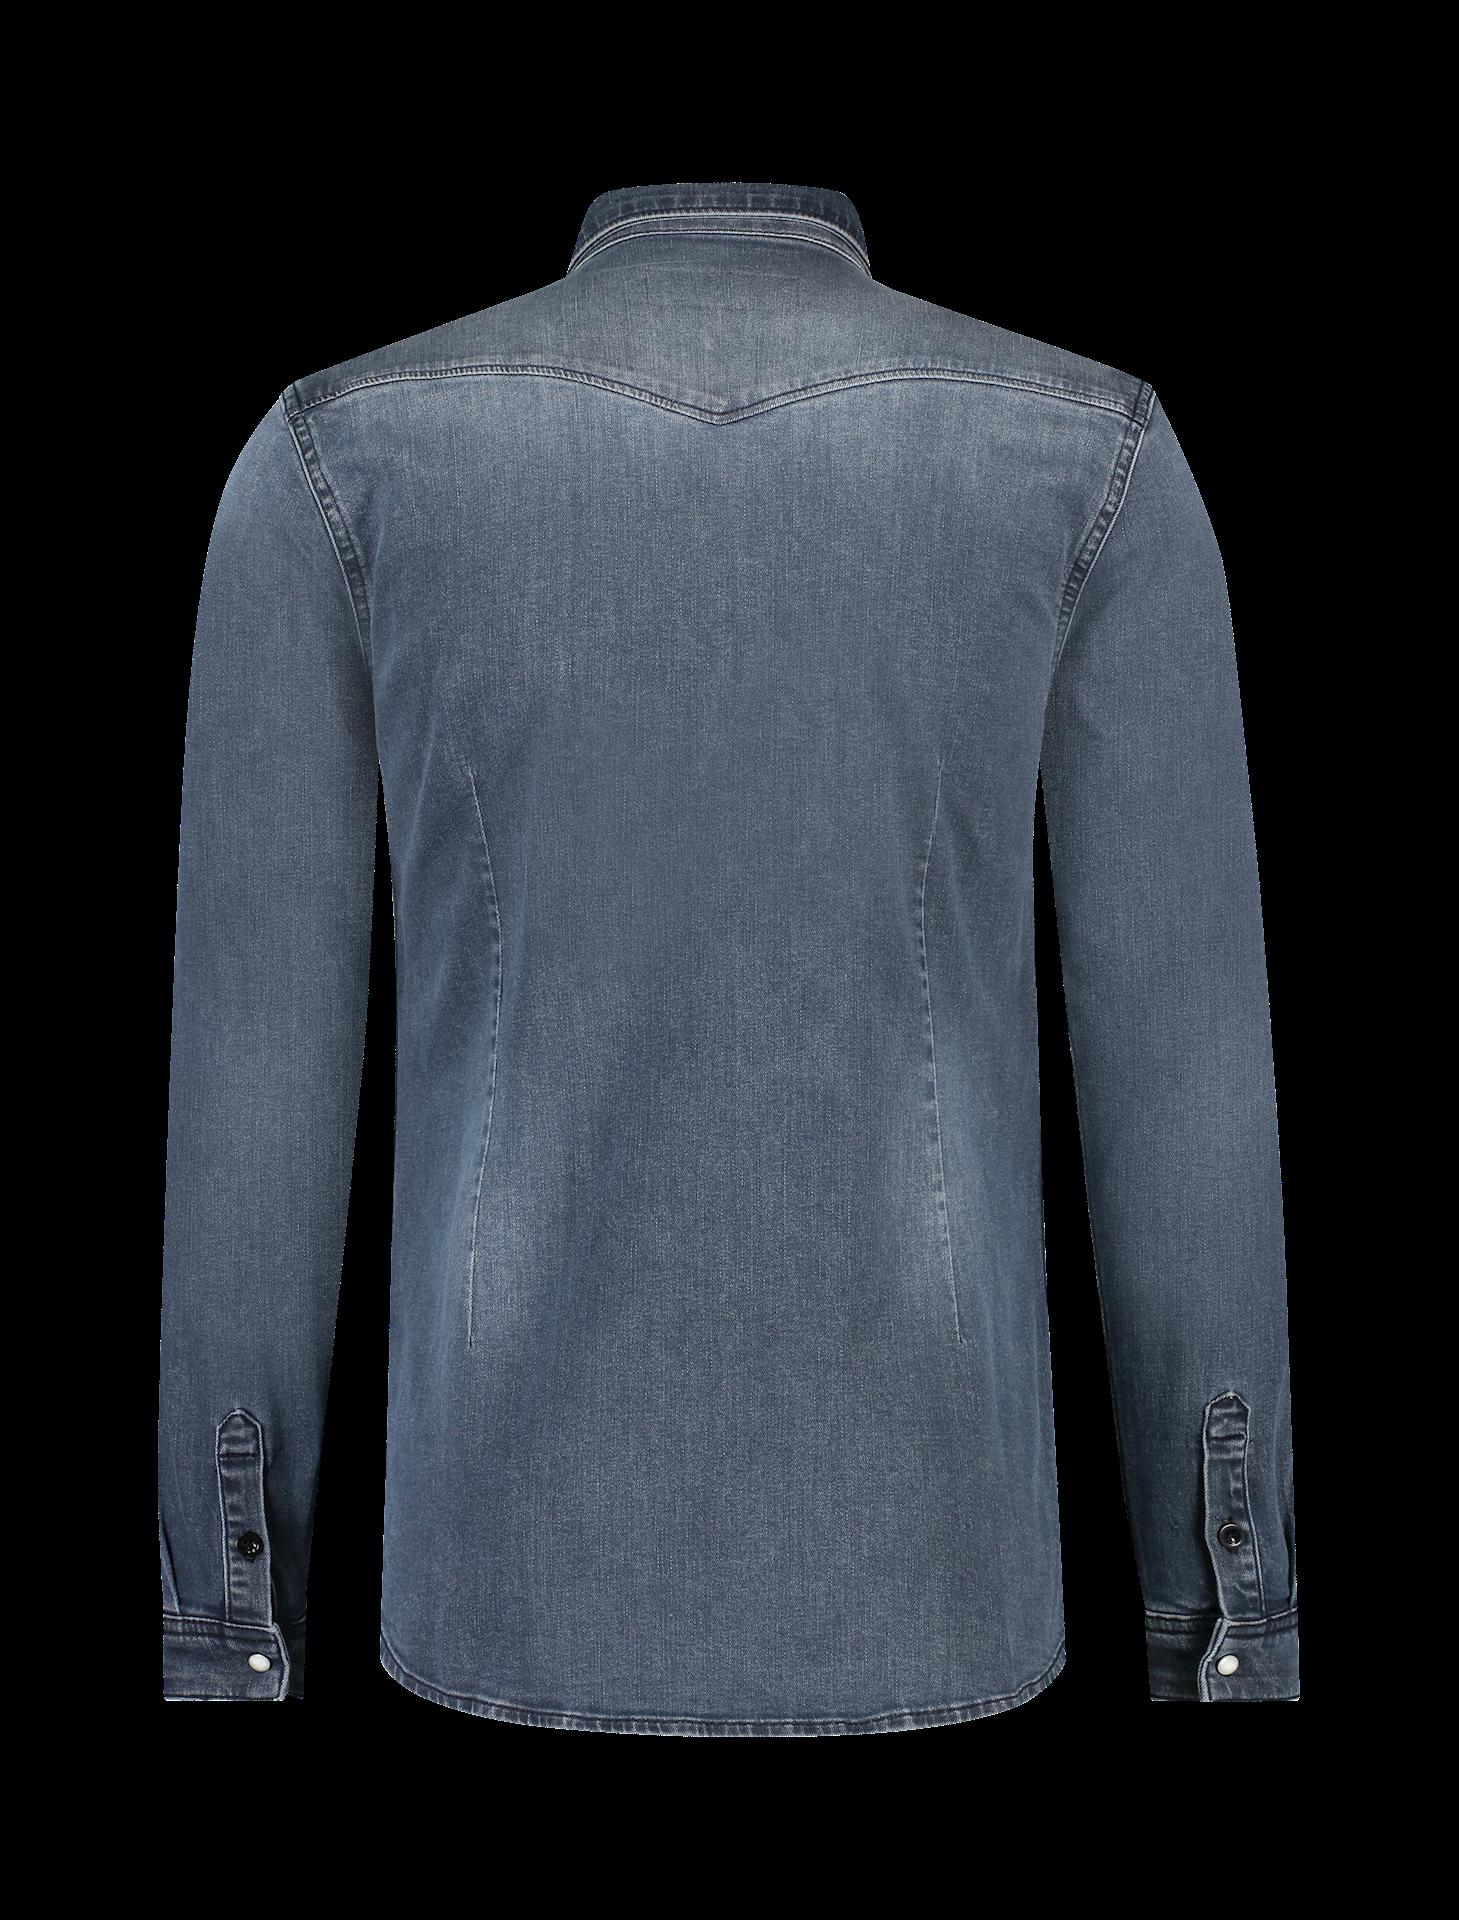 Purewhite Pure White 21030219 Stretch Denim Shirt Blue Grey